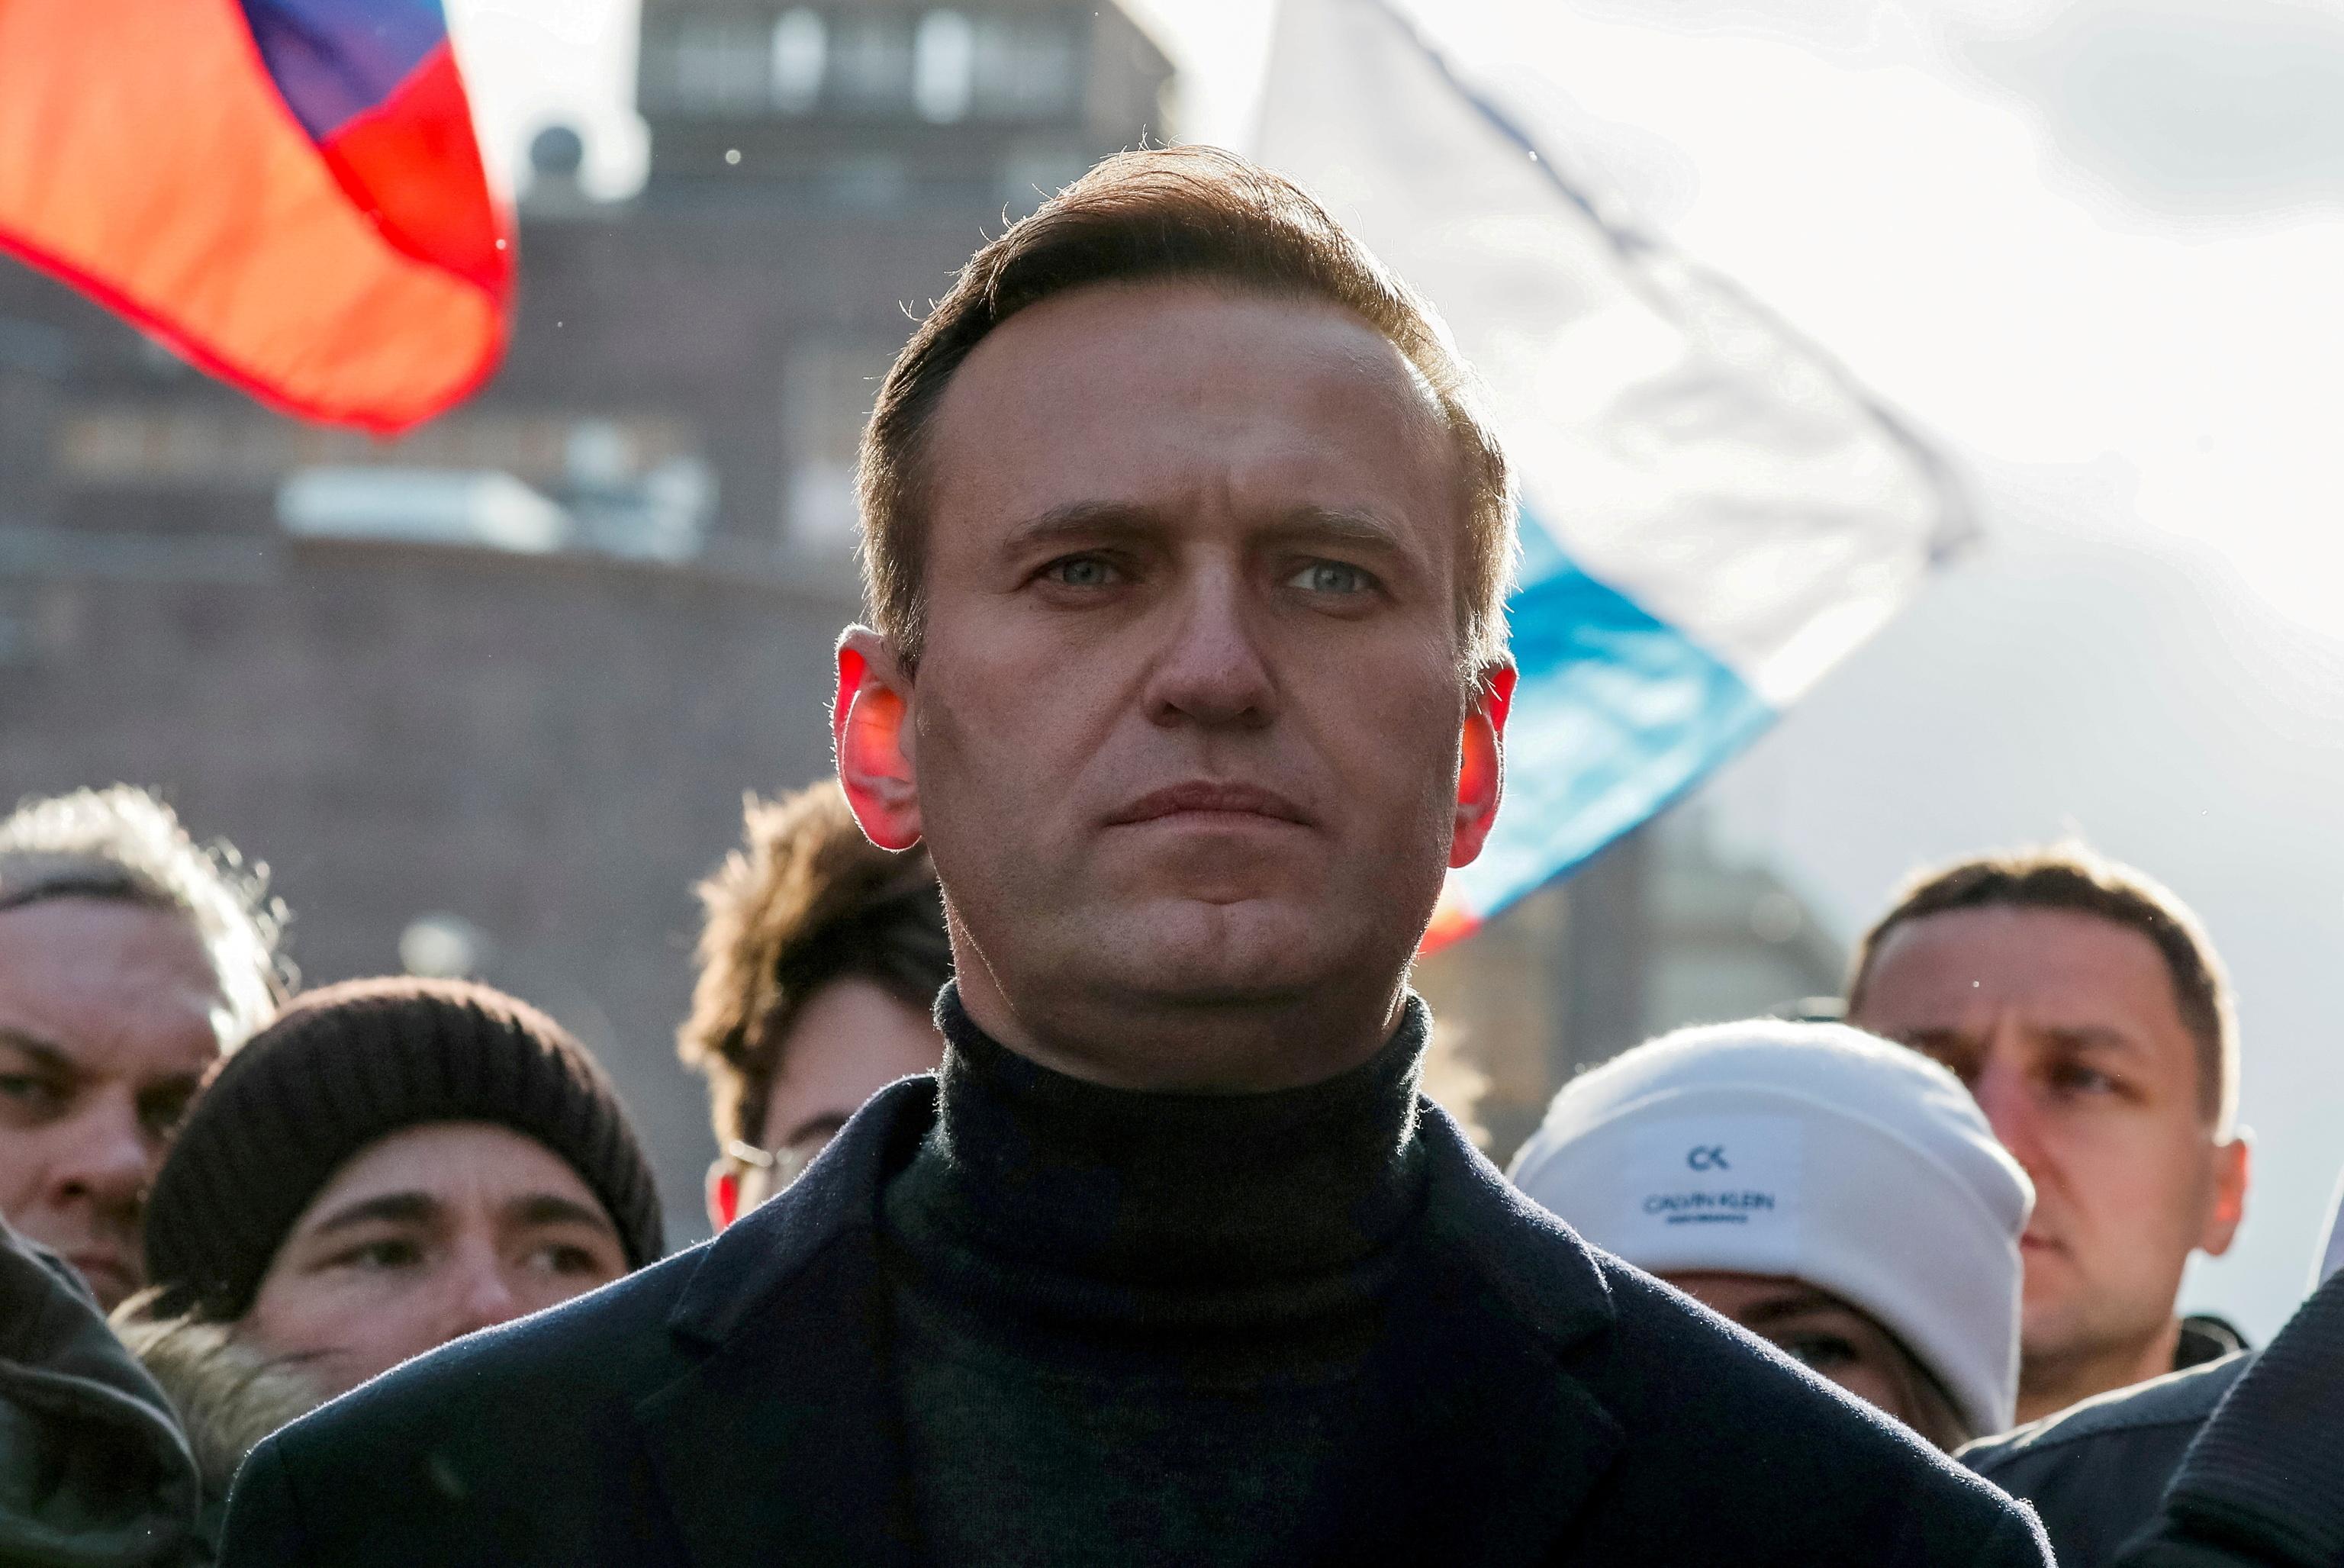 El disidente ruso Alexei Navalny, durante un mítin en Moscú en 2020.